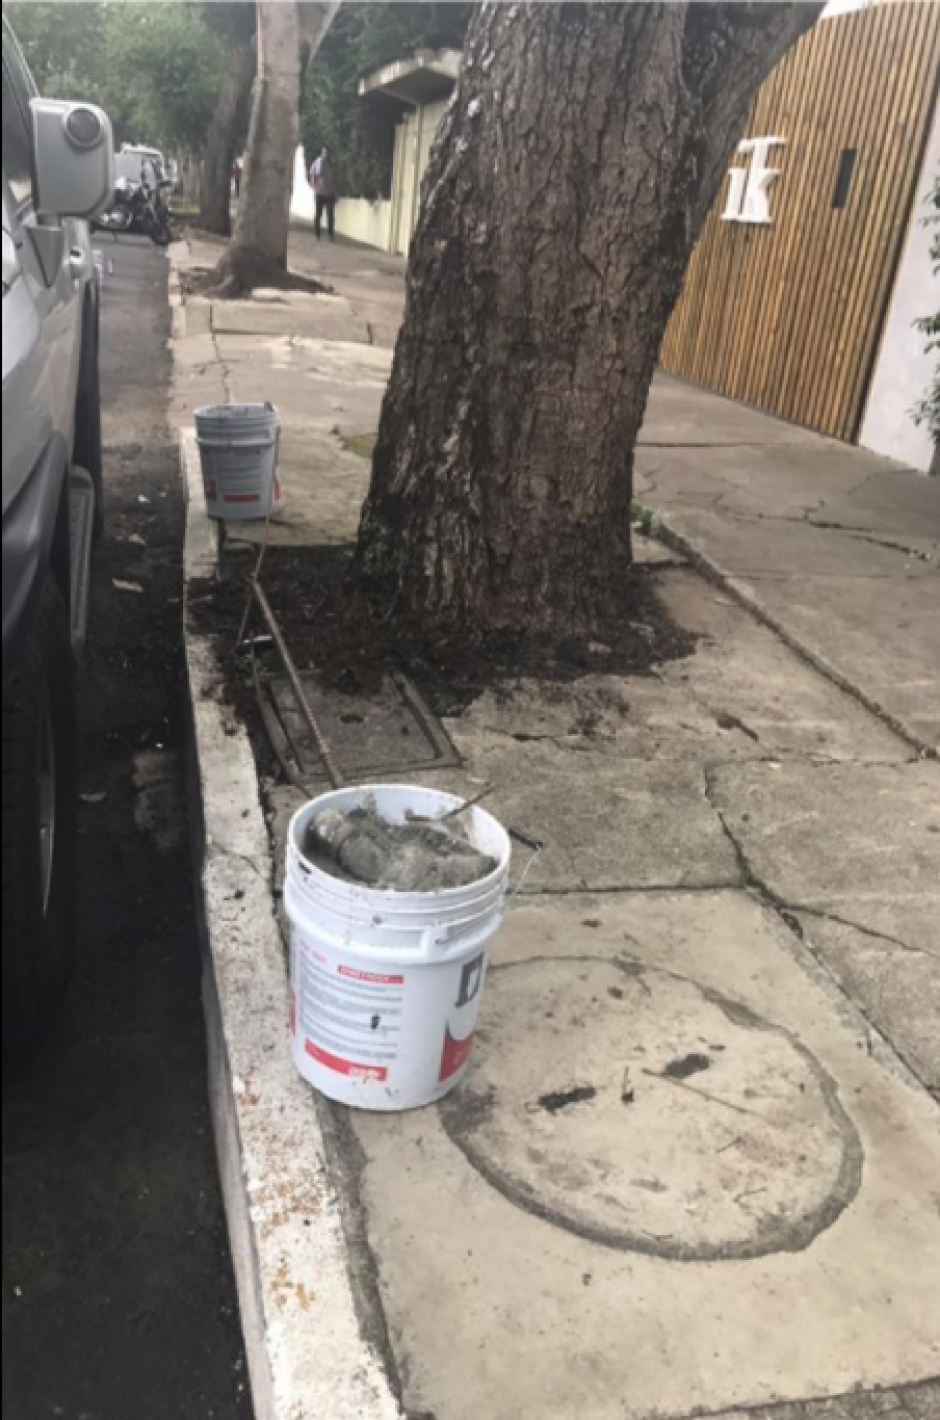 Además del cemento, los recipientes están asegurados con un candado. (Foto: Facebook/MalparqueadosGT)